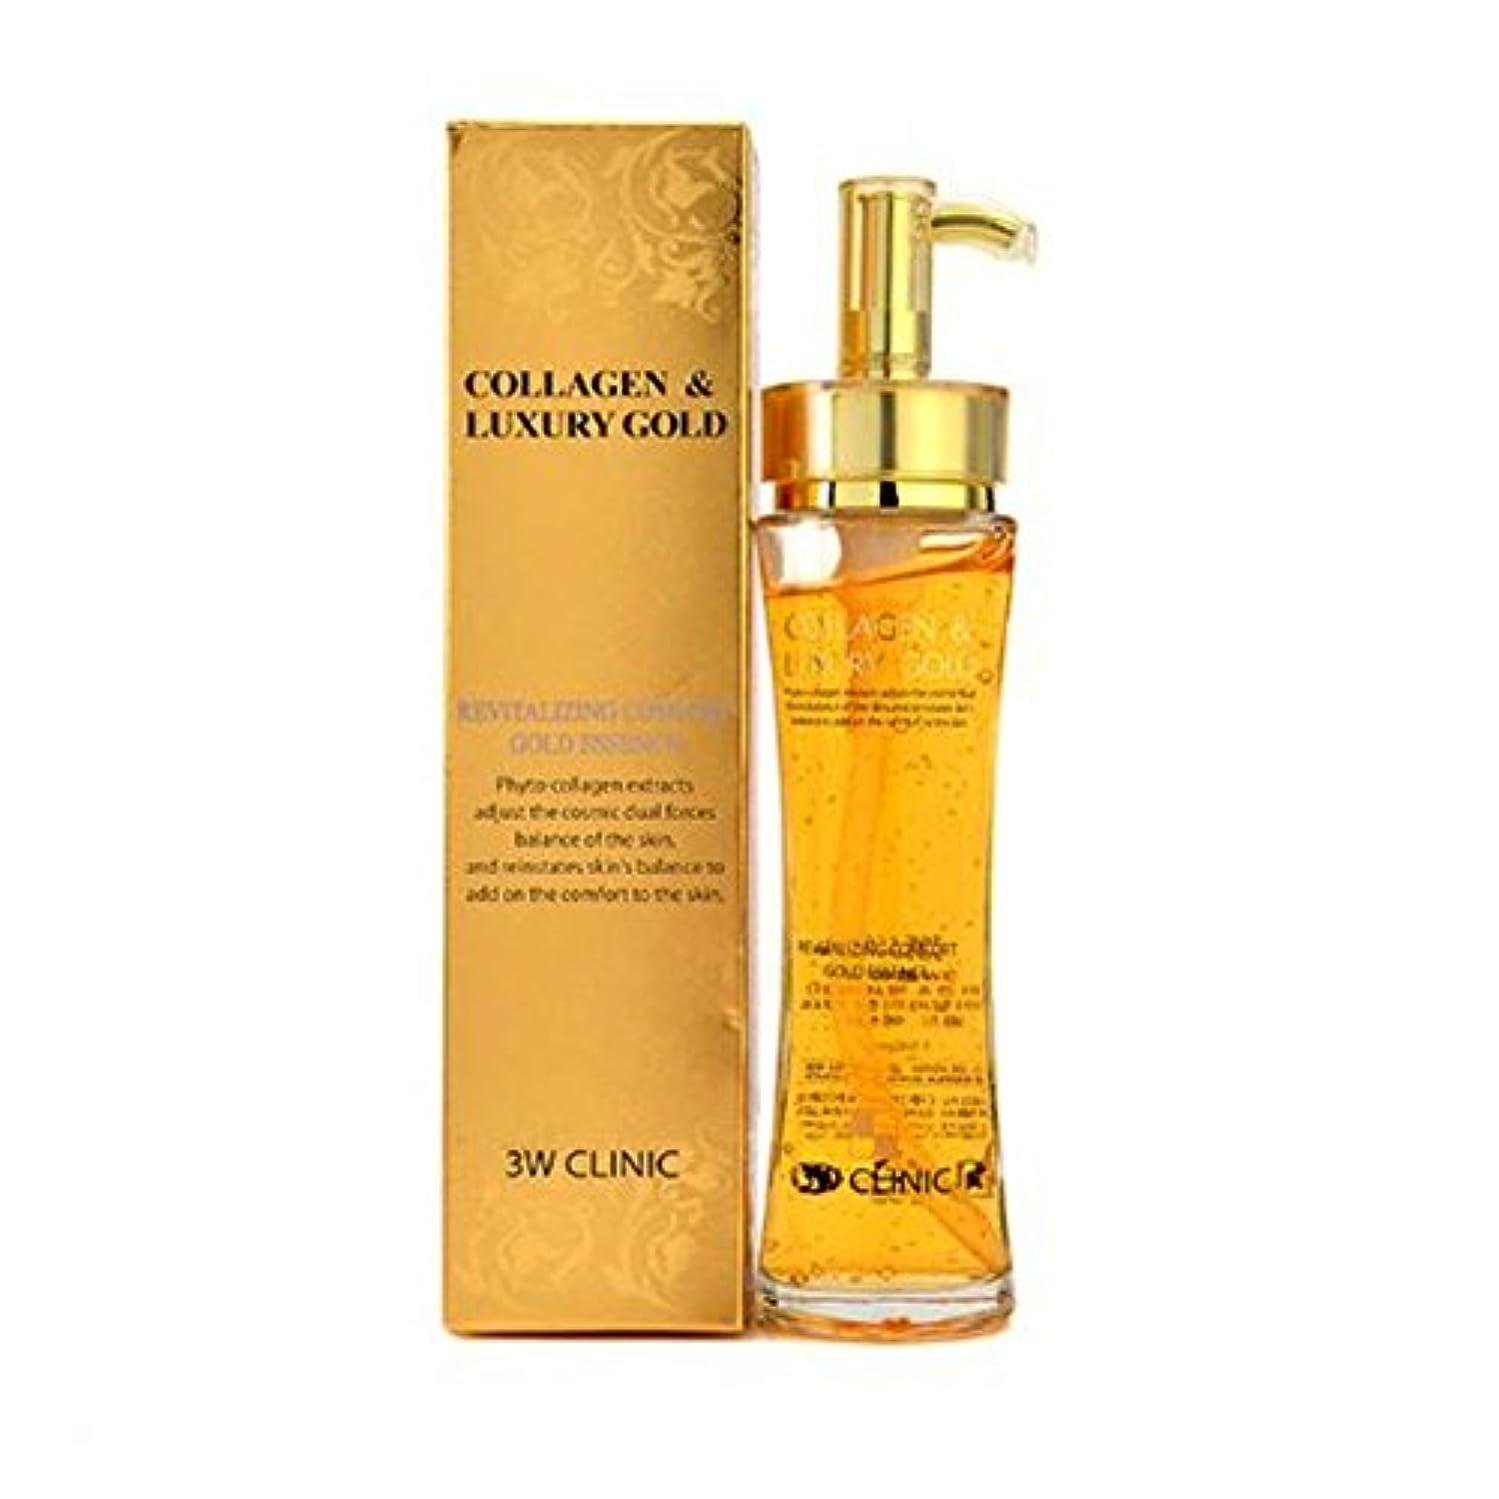 別に担当者溶かす3Wクリニック Collagen & Luxury Gold Revitalizing Comfort Gold Essence 150ml/5.07oz並行輸入品